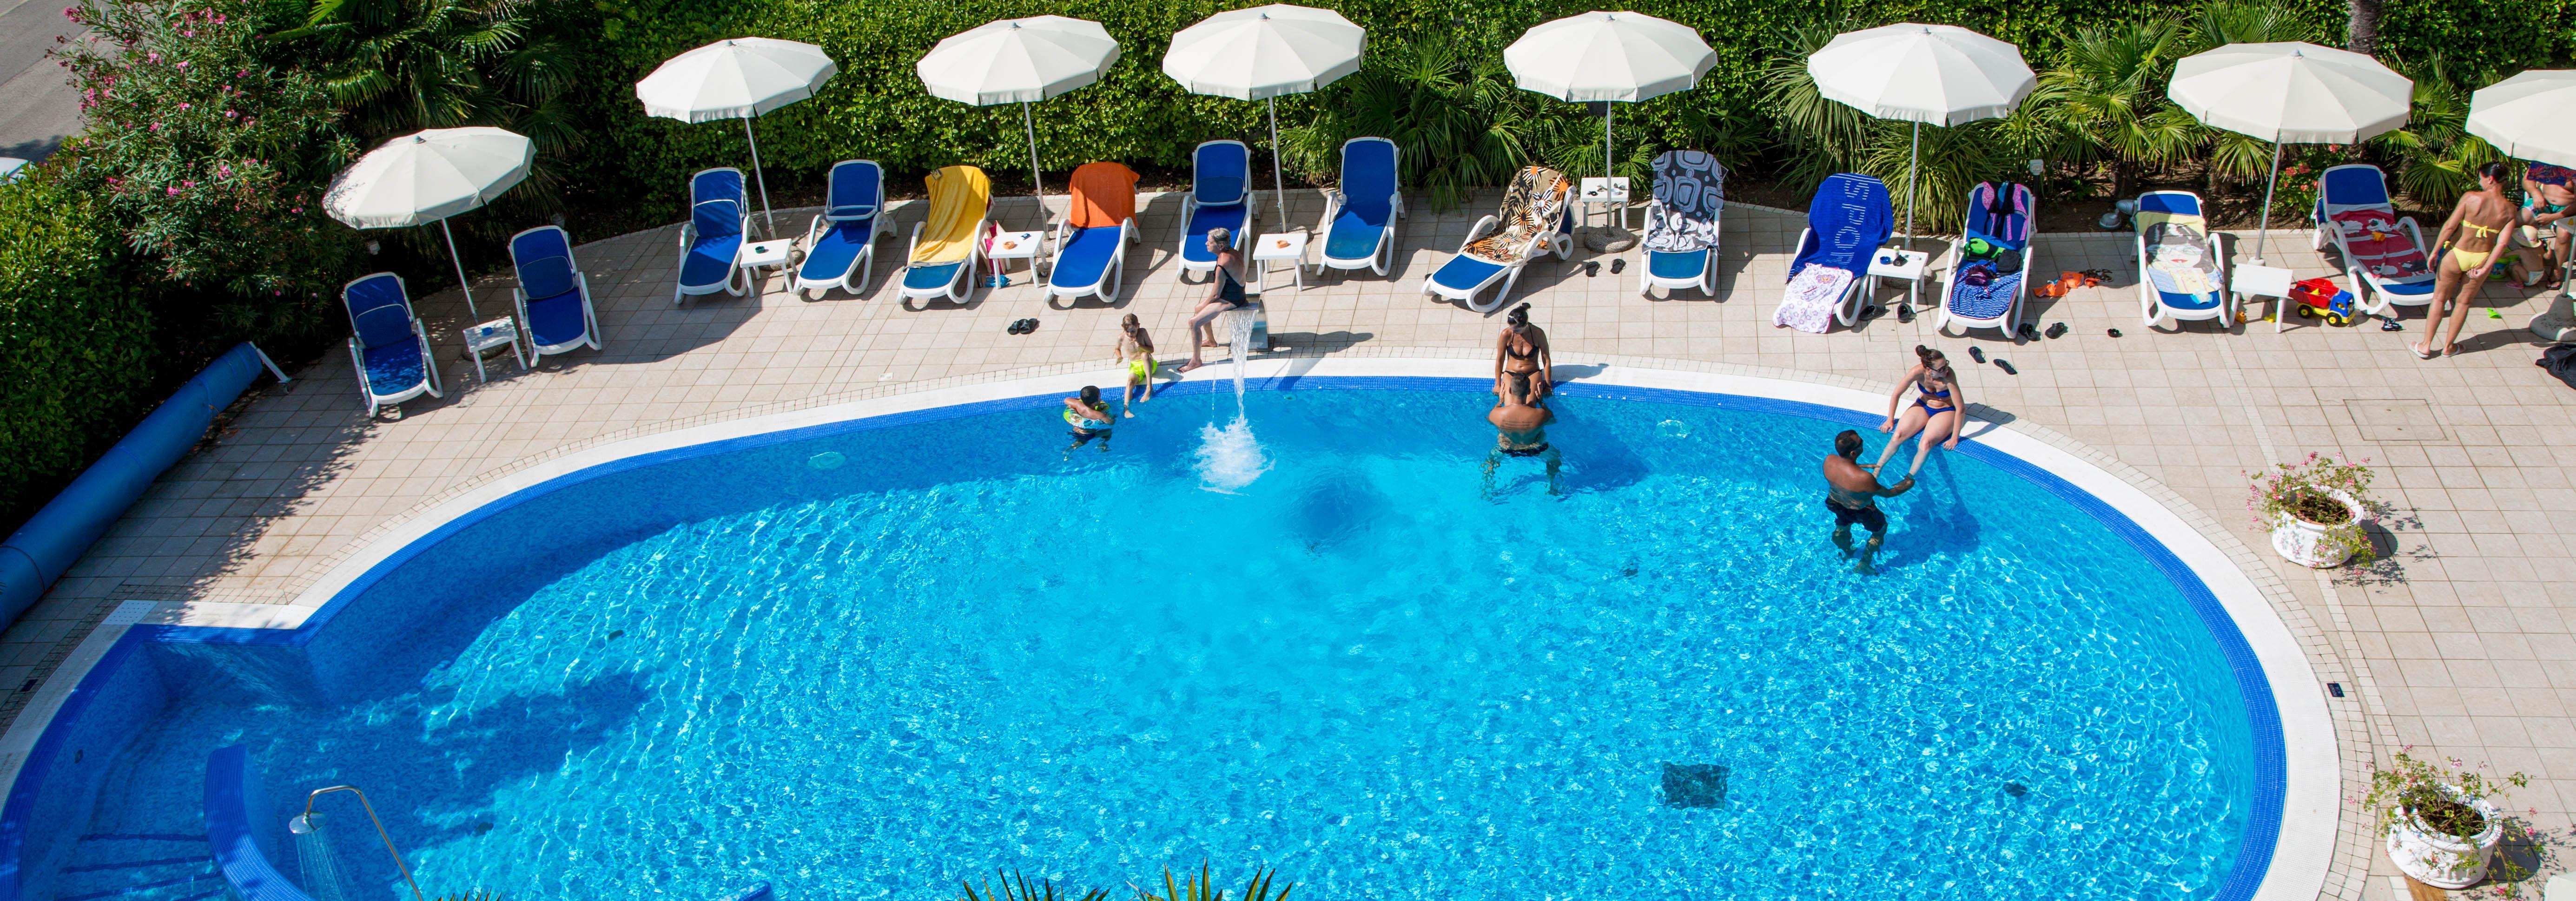 Hotel 4 stelle jesolo con piscina hotel helios jesolo - Hotel cervia 4 stelle con piscina ...